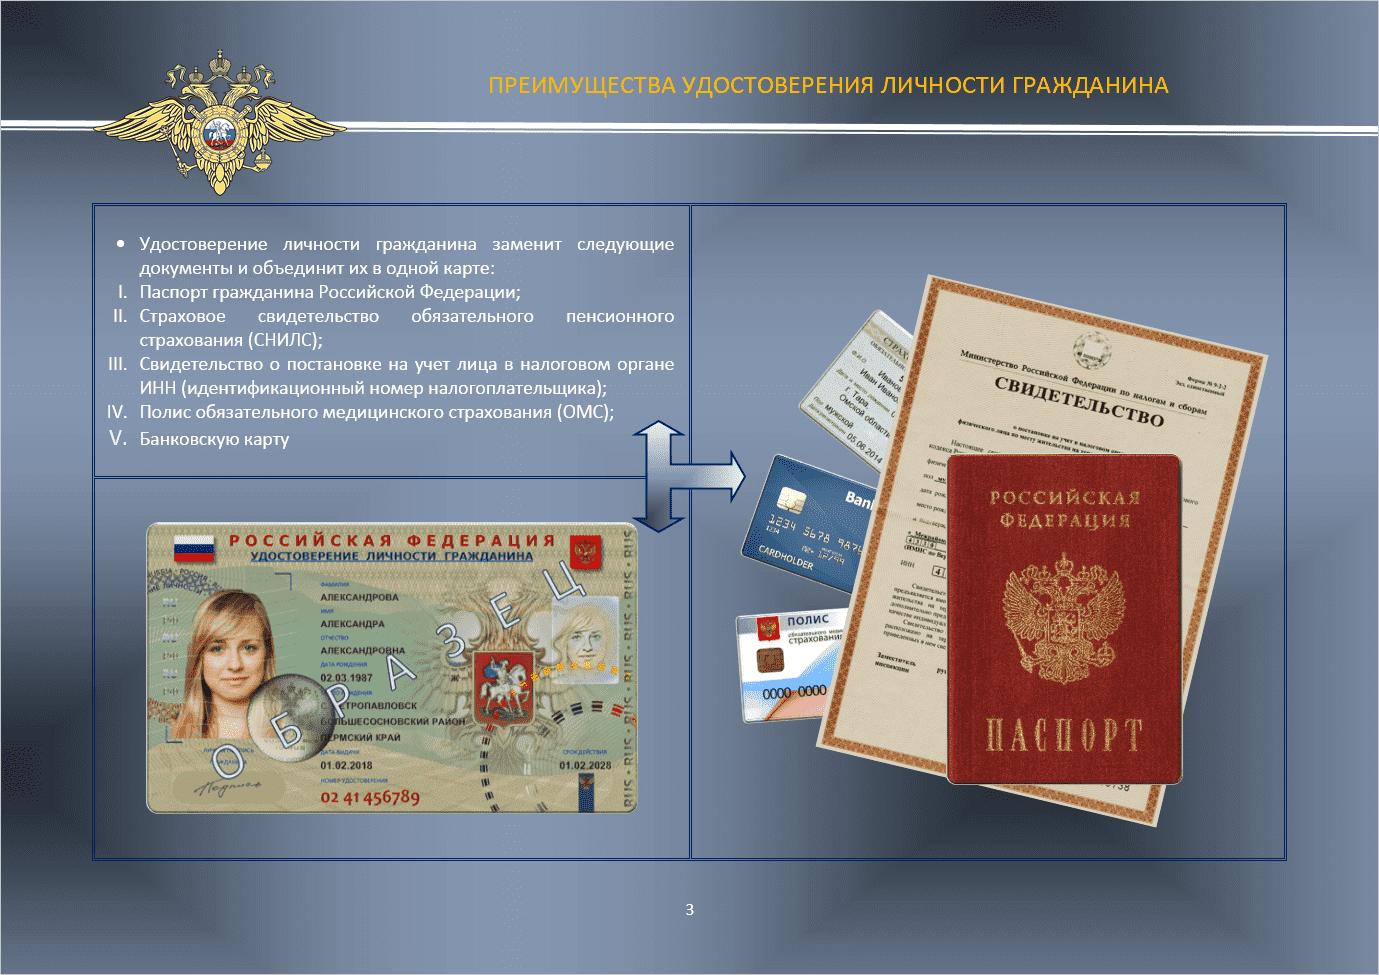 первым удостоверение личности гражданина российской федерации бумаге большого